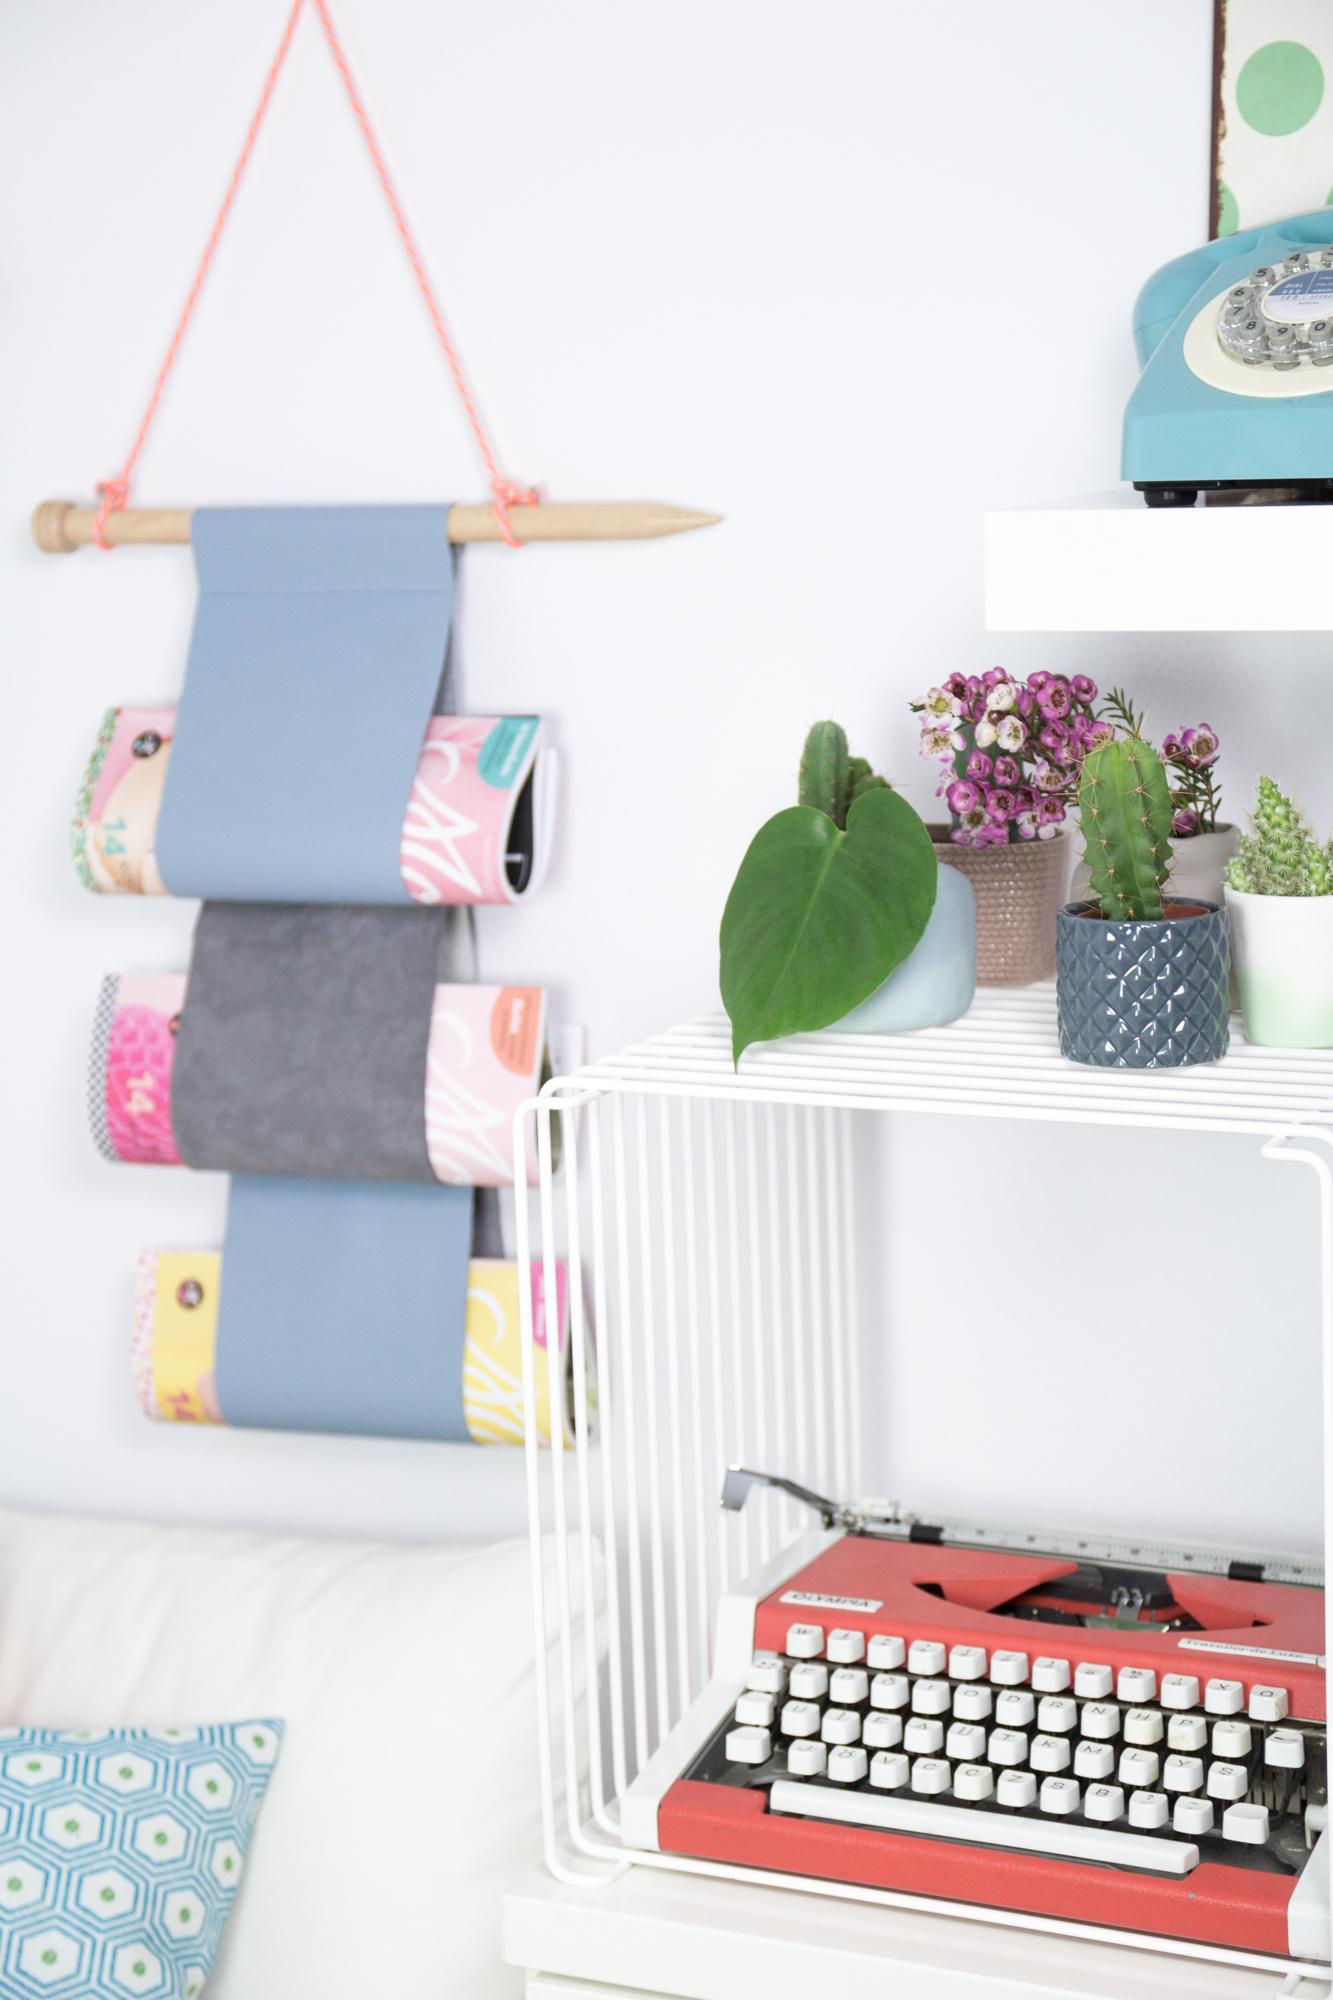 ordnung in meinem n hzimmer mit n hideen die ordnung schaffen und ein giveaway tweed greet. Black Bedroom Furniture Sets. Home Design Ideas